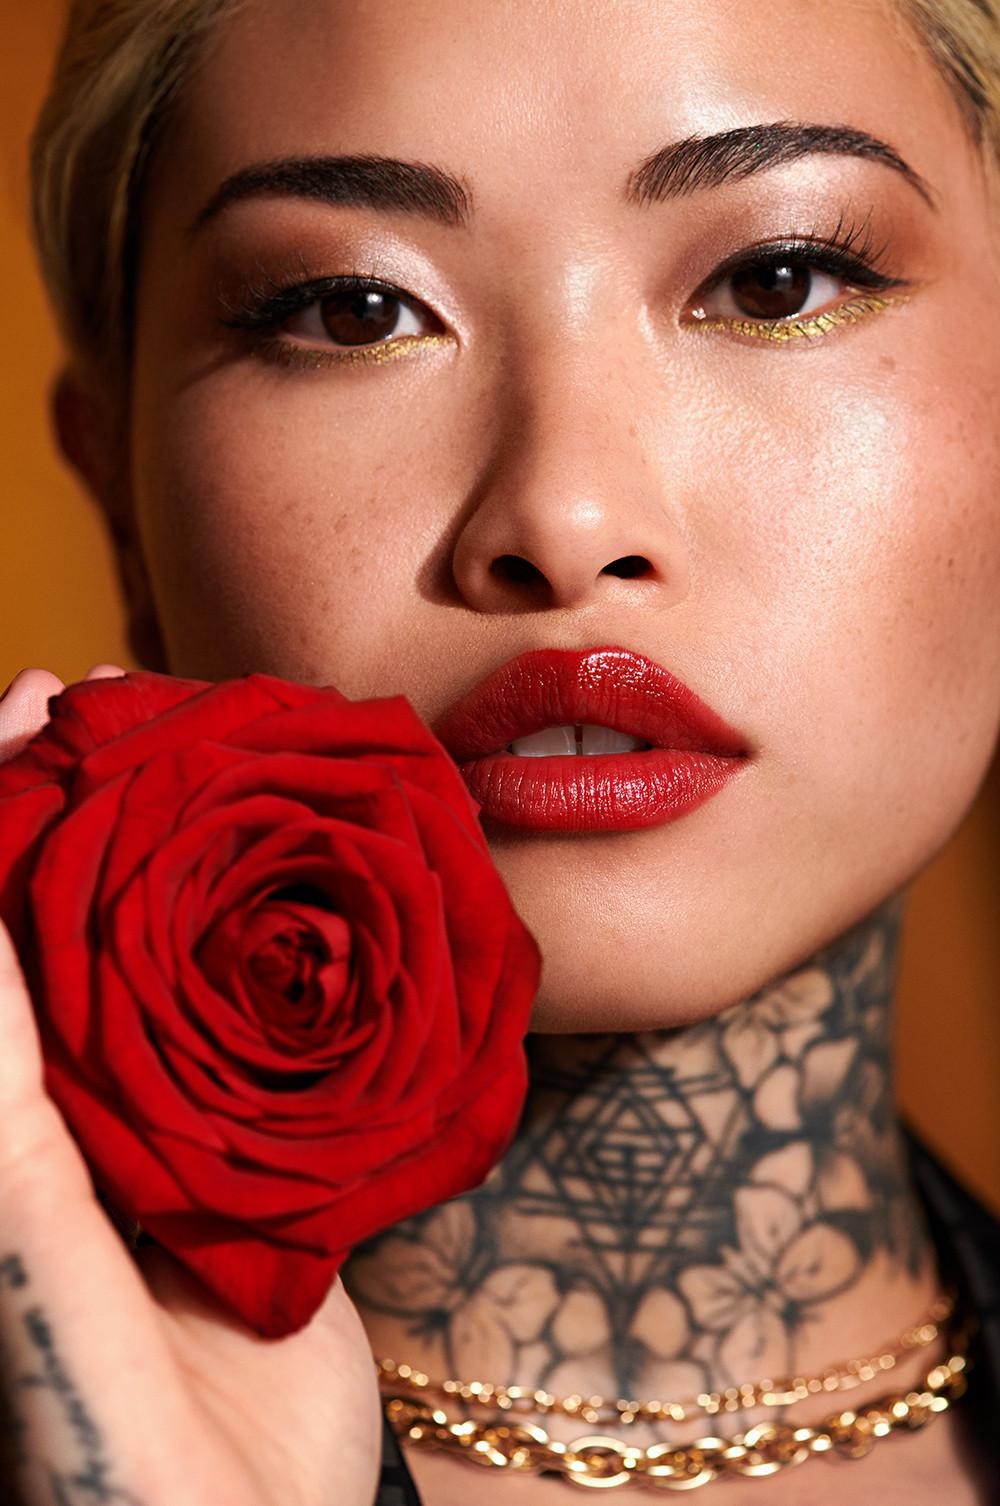 Mannequin tenant une rose rouge, maquillée avec un rouge à lèvres rouge et un eye-liner noir et doré, et portant une chaîne dorée autour du cou.